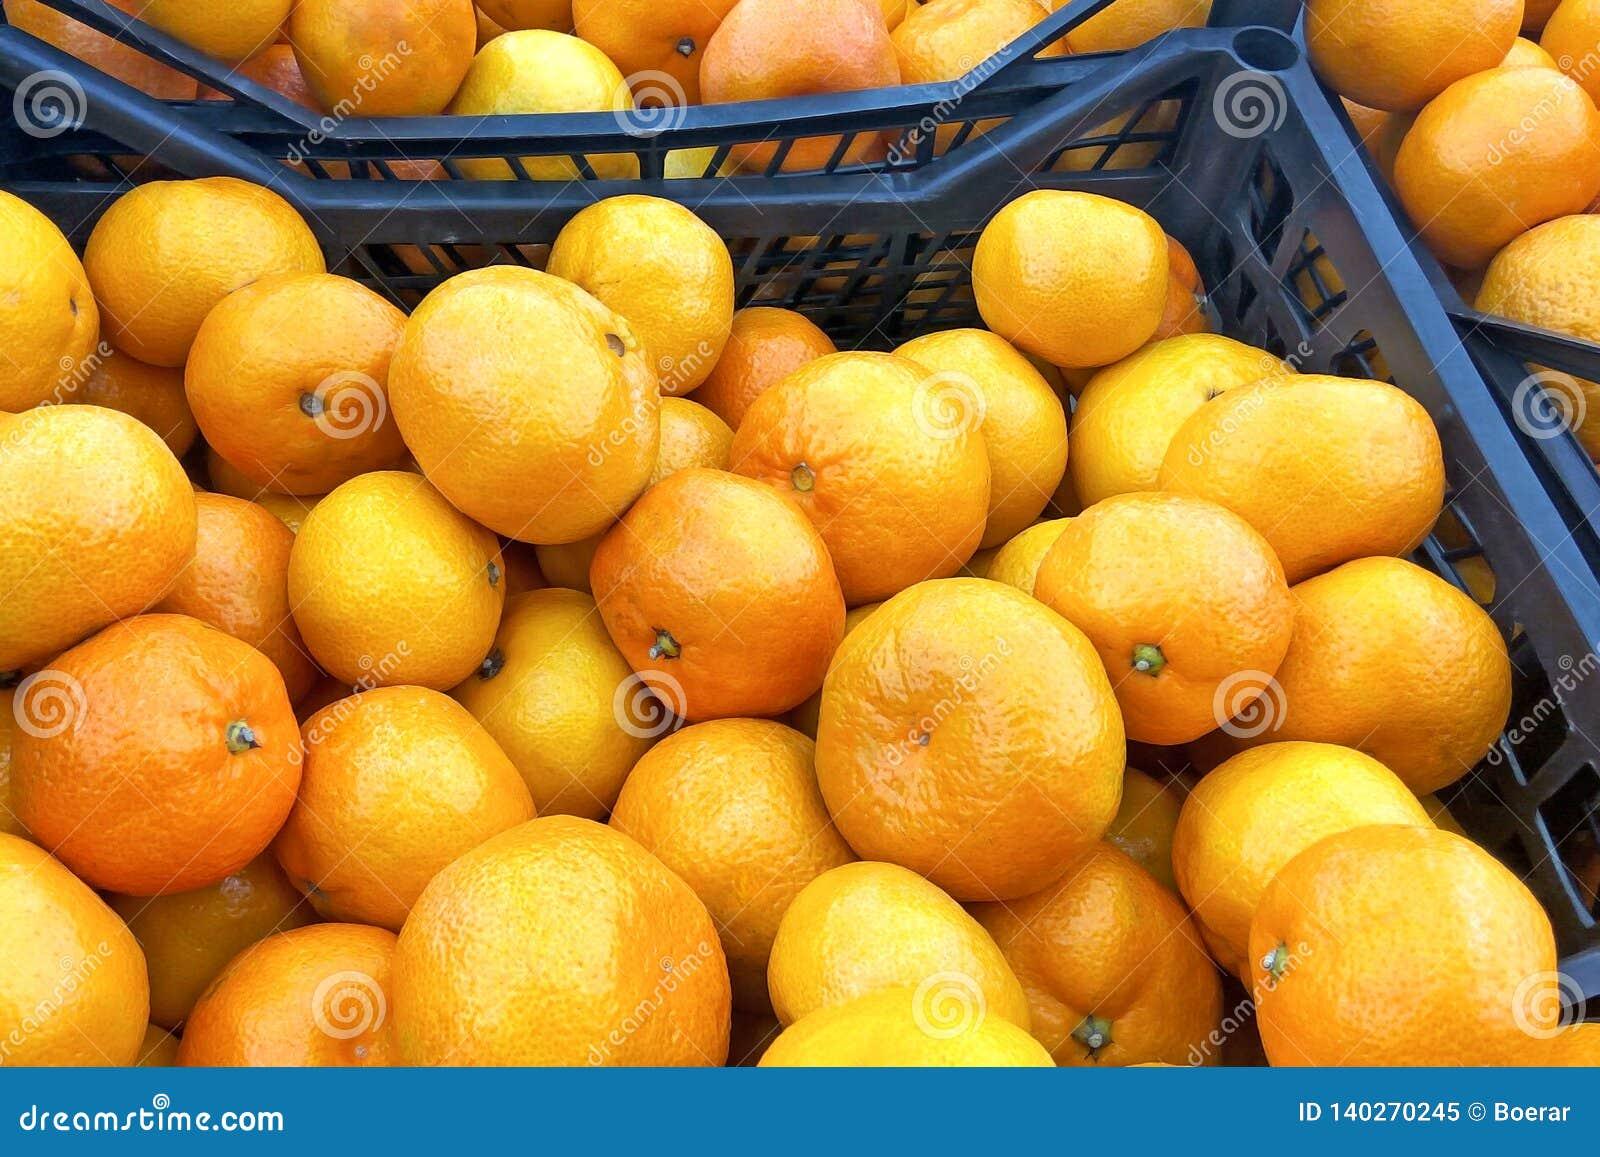 Arance arancio succose dei mandarini, mandarini, clementine, agrumi con le foglie nel mercato